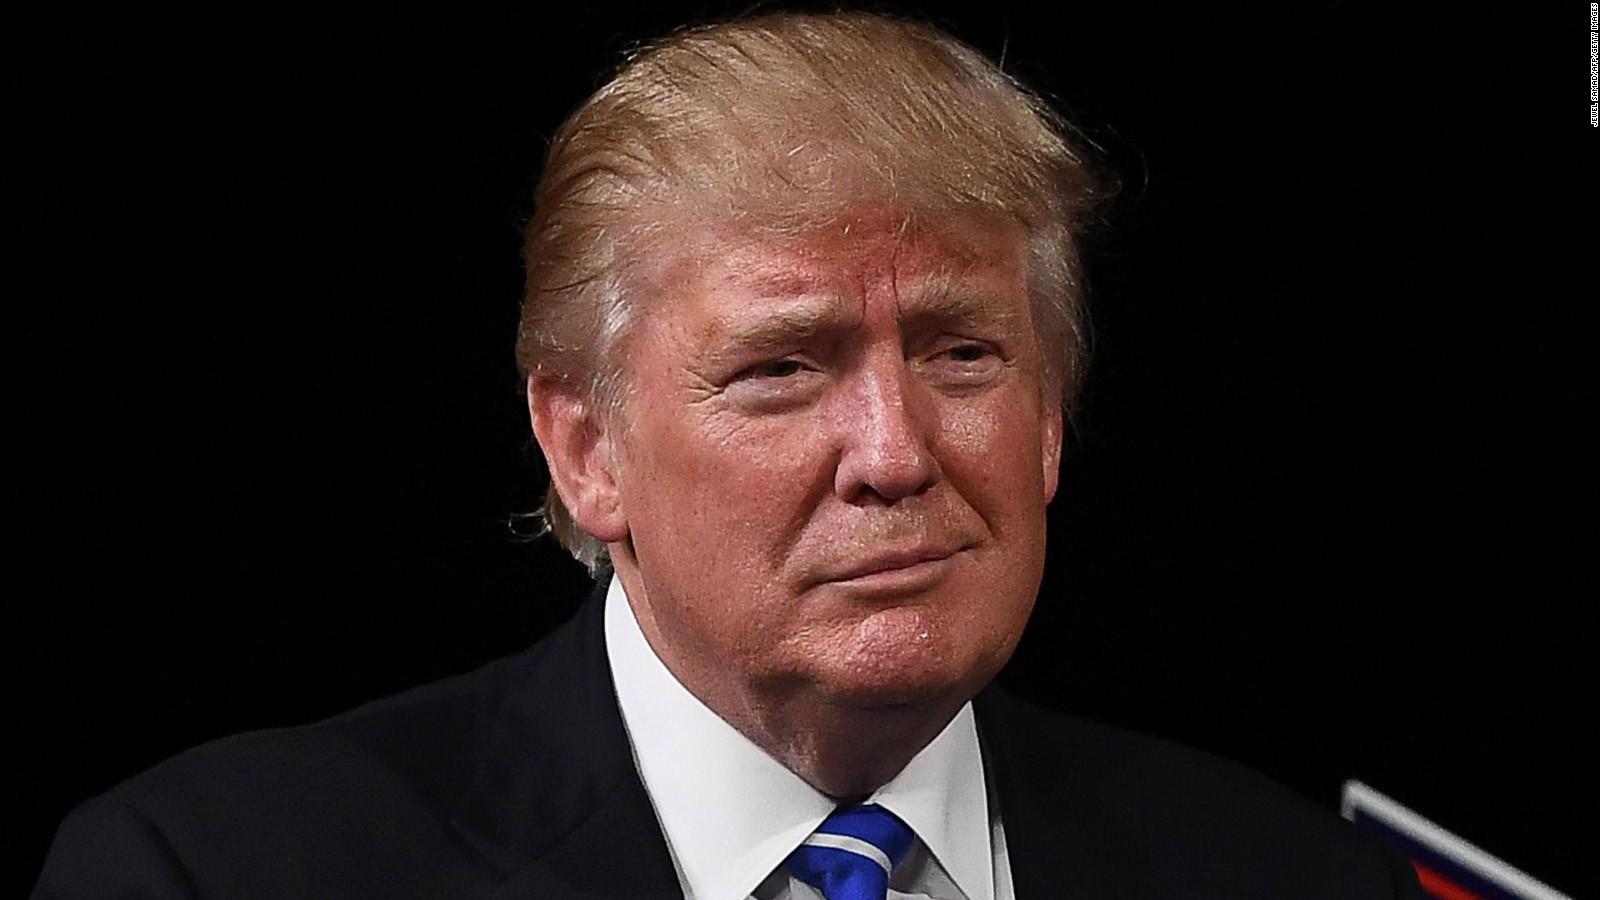 Trump quer 'expandir' potencial nuclear dos Estados Unidos